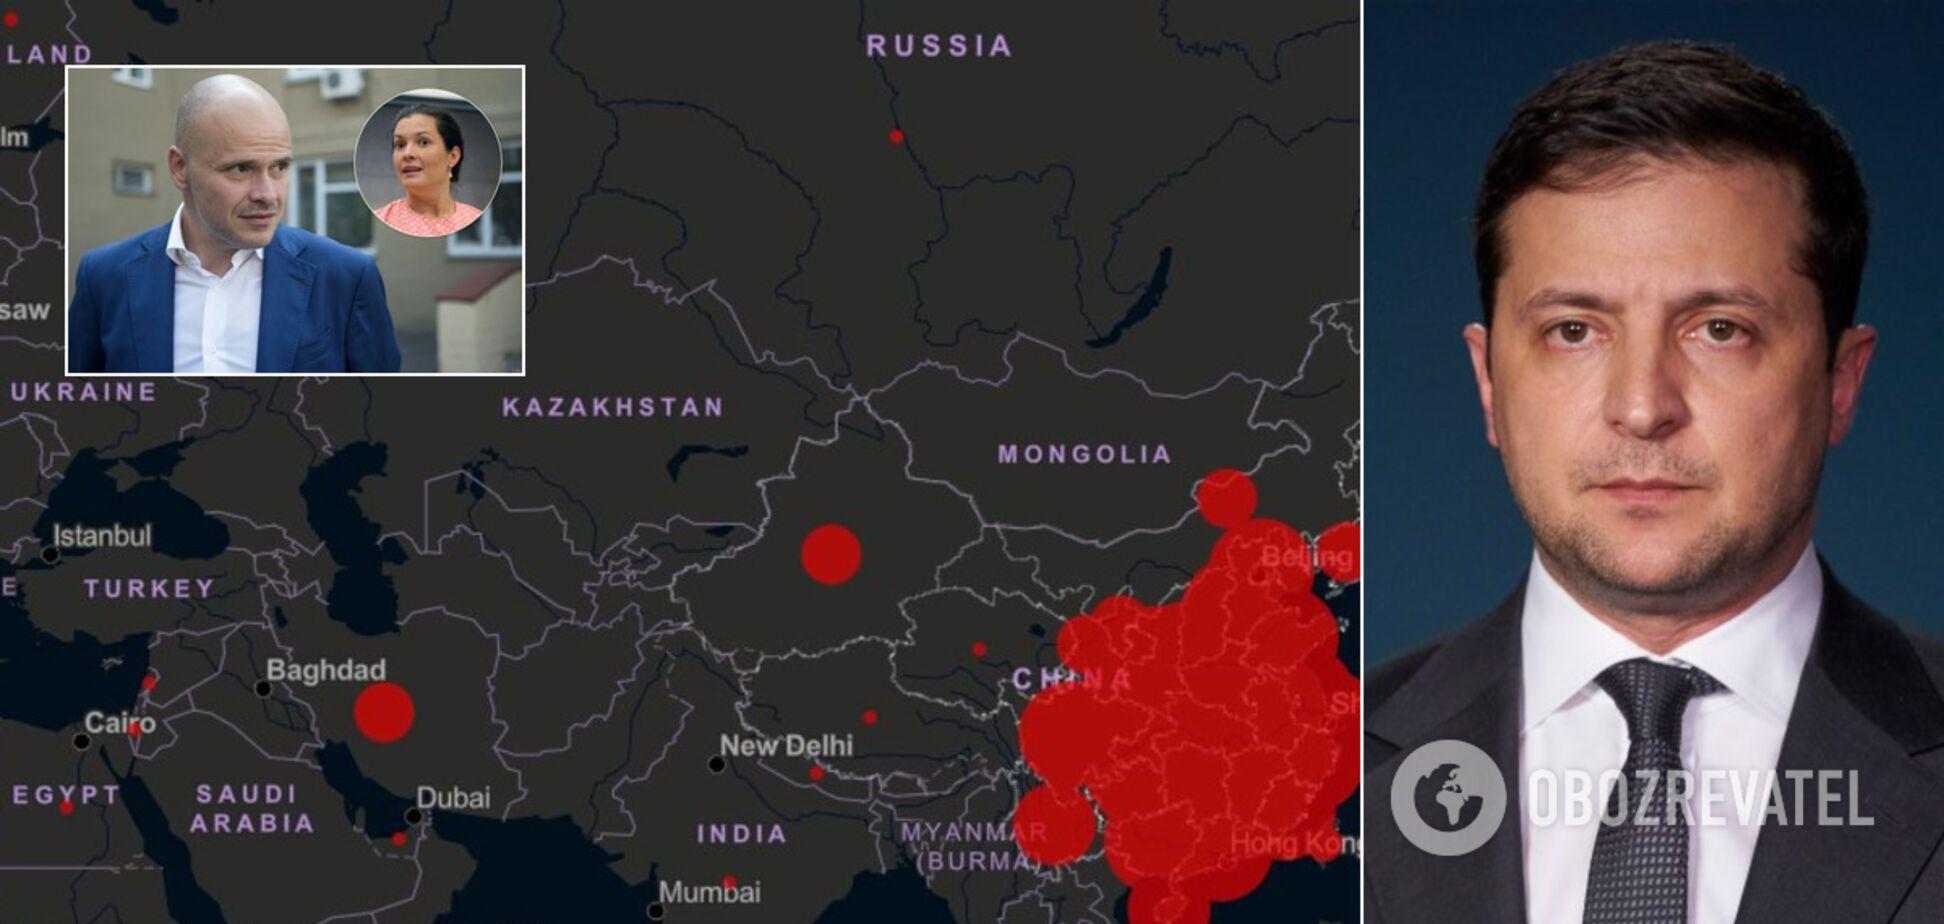 Господин президент, защитите украинцев от 'фельдшеров радуцких' и коронавируса! Обращение OBOZREVATEL